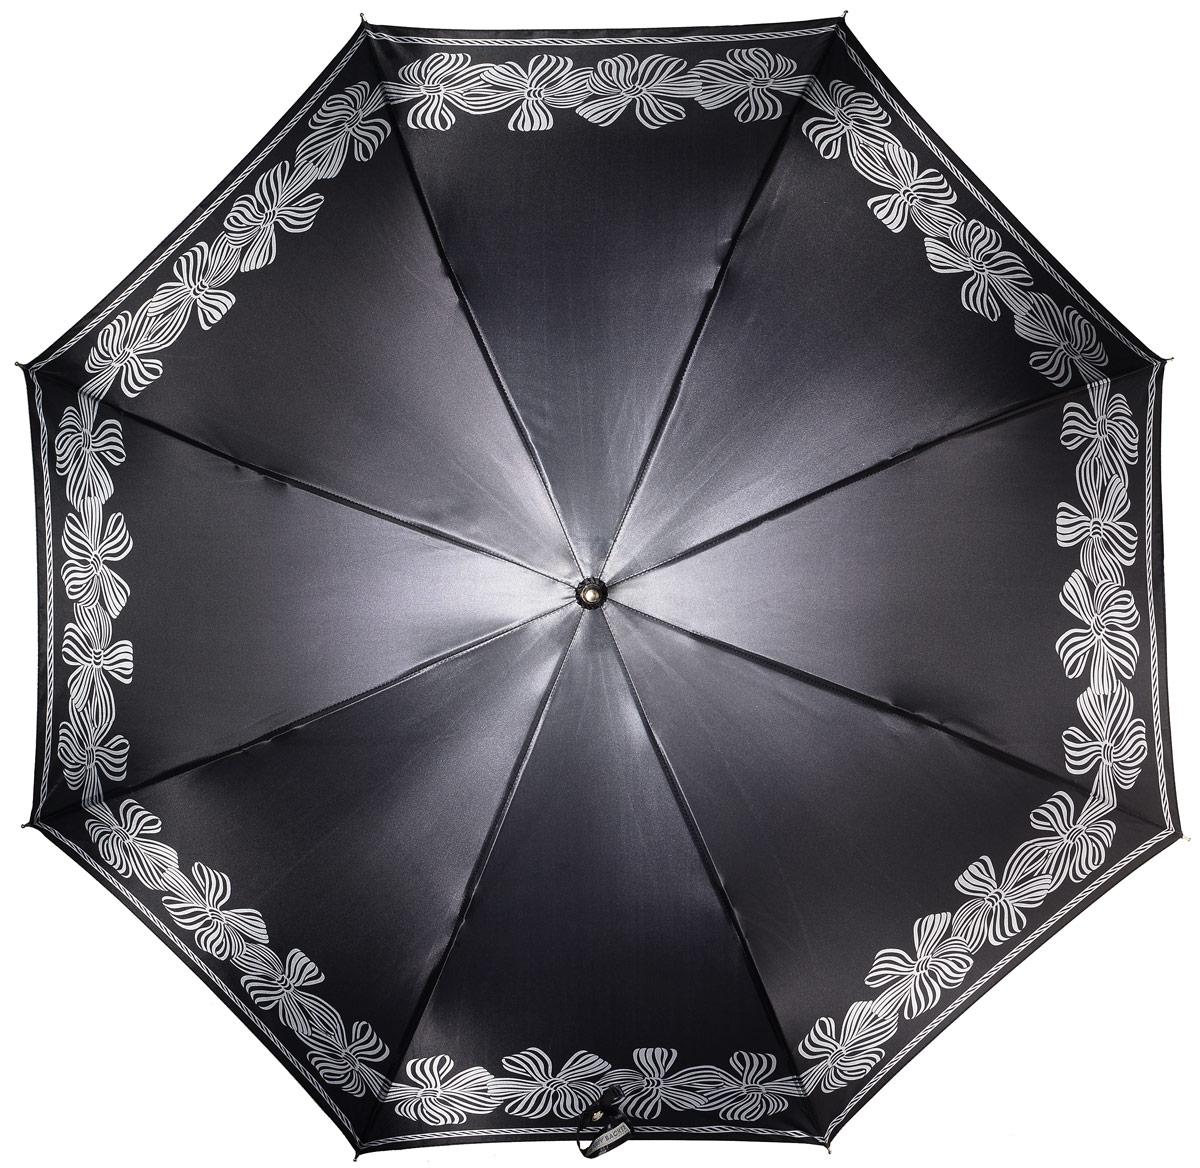 Зонт женский Henry Backer, цвет: серый. U11204 BowsREM12-CAM-GREENBLACKЖенский зонт-трость «Банты» с сатиновым куполом, черный, автоматБольшой купол отлично защитит от дождя, удобная рукоять комфортно располагается в руке. Ветроустойчивый каркас выполнен из стали и фибергласса.